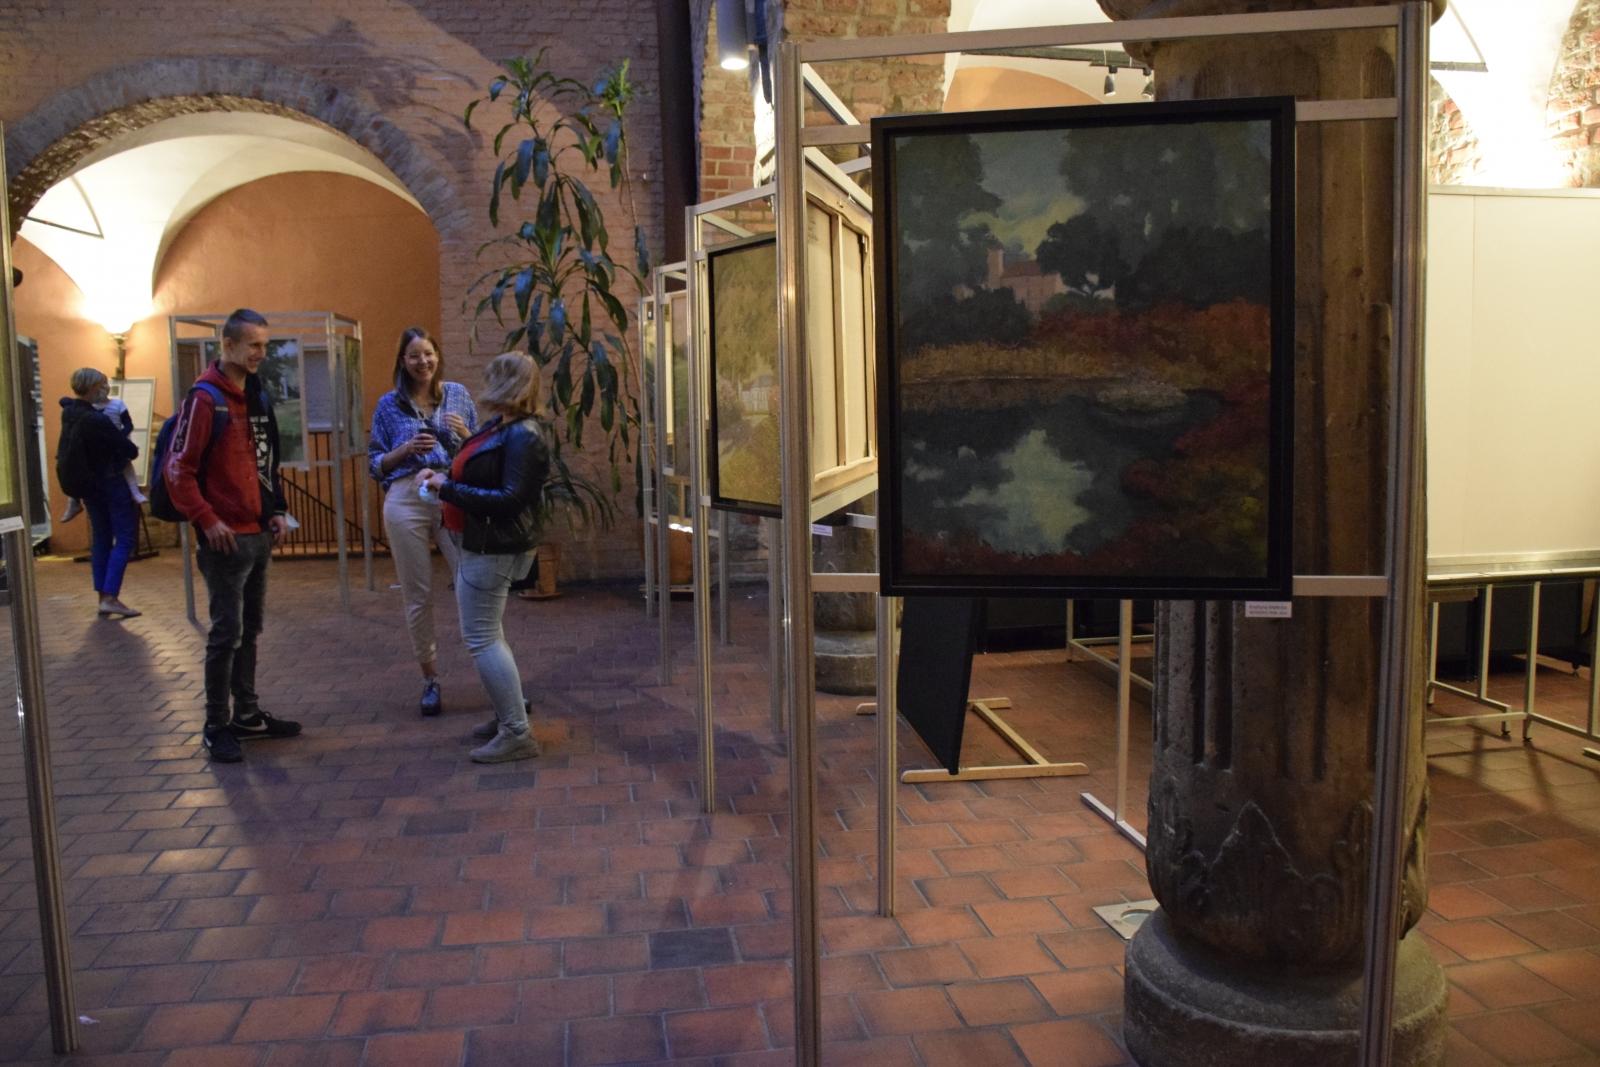 NA zdjeciu ukazany jest dziedziniec Muzeum Archeologicznego w Poznaniu, na którym ustawione sa sztalugi z obrazami przedstawiającymi dwory i pałace. Dzieła ogladane są przez osoby uczestniczące w wernisażu